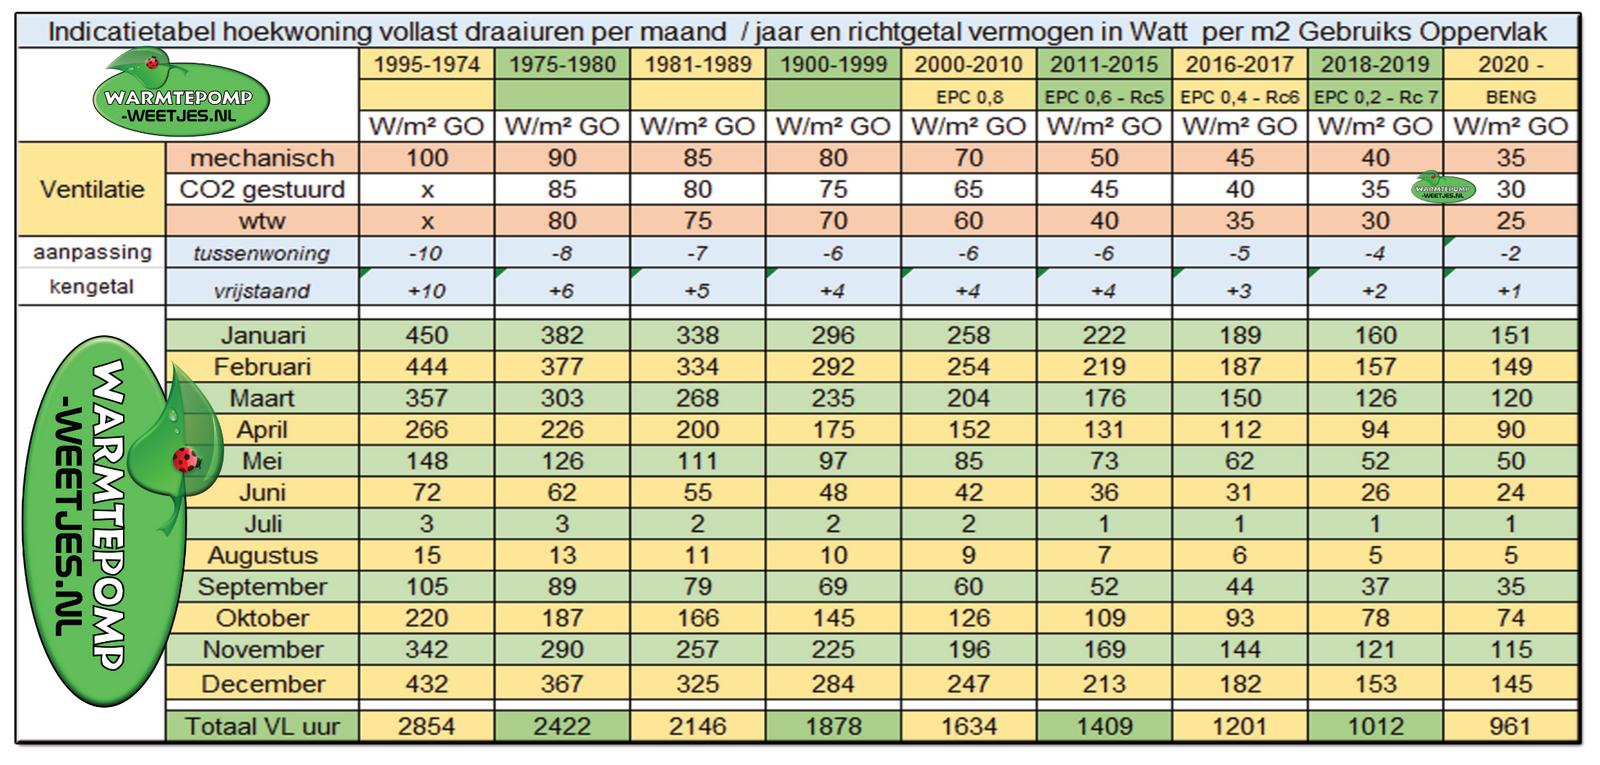 https://warmtepomp-weetjes.nl/media/tabellen/indicatie_richtgetal_draaiuren_maand_overzicht_warmtepomp_weetjes.png